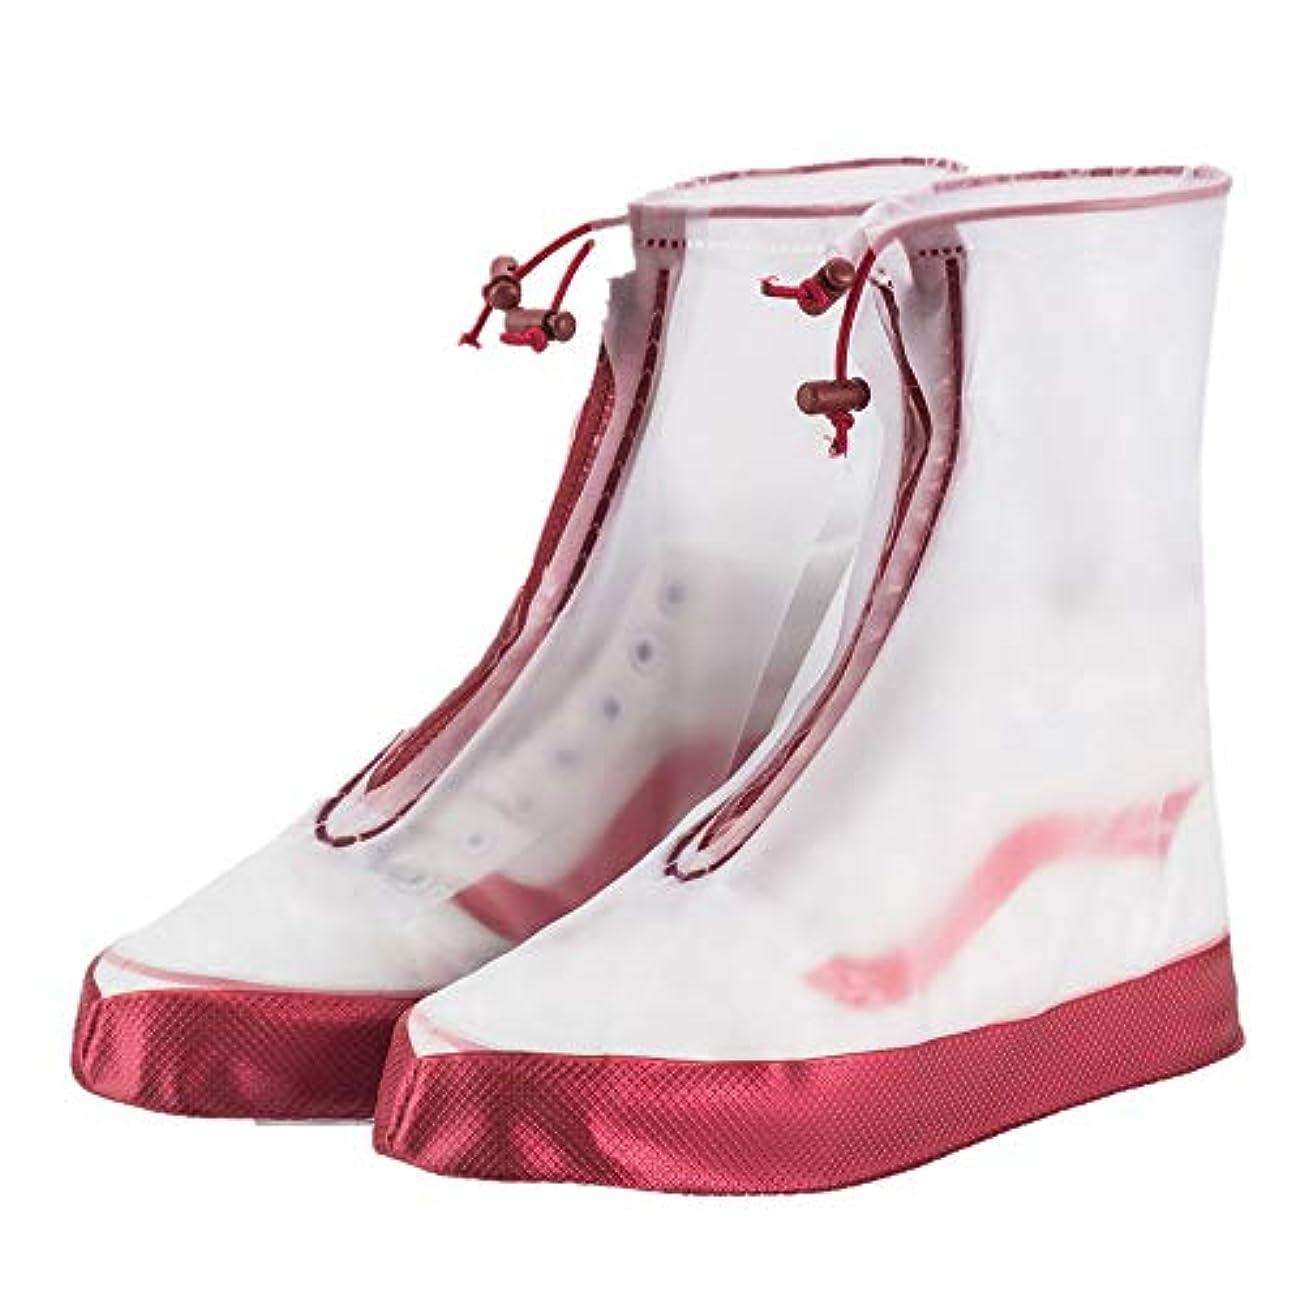 写真を描く戦争反毒防水オーバーシューズ レインシューズのカバー足のガーターバイクの靴カバー、防水レインブーツの靴カバー女性男性子供アンチスリップ再利用可能な洗えるレイン雪のブーツカバー防水オーバーシューズ (色 : Red-children, サイズ : XXXL)